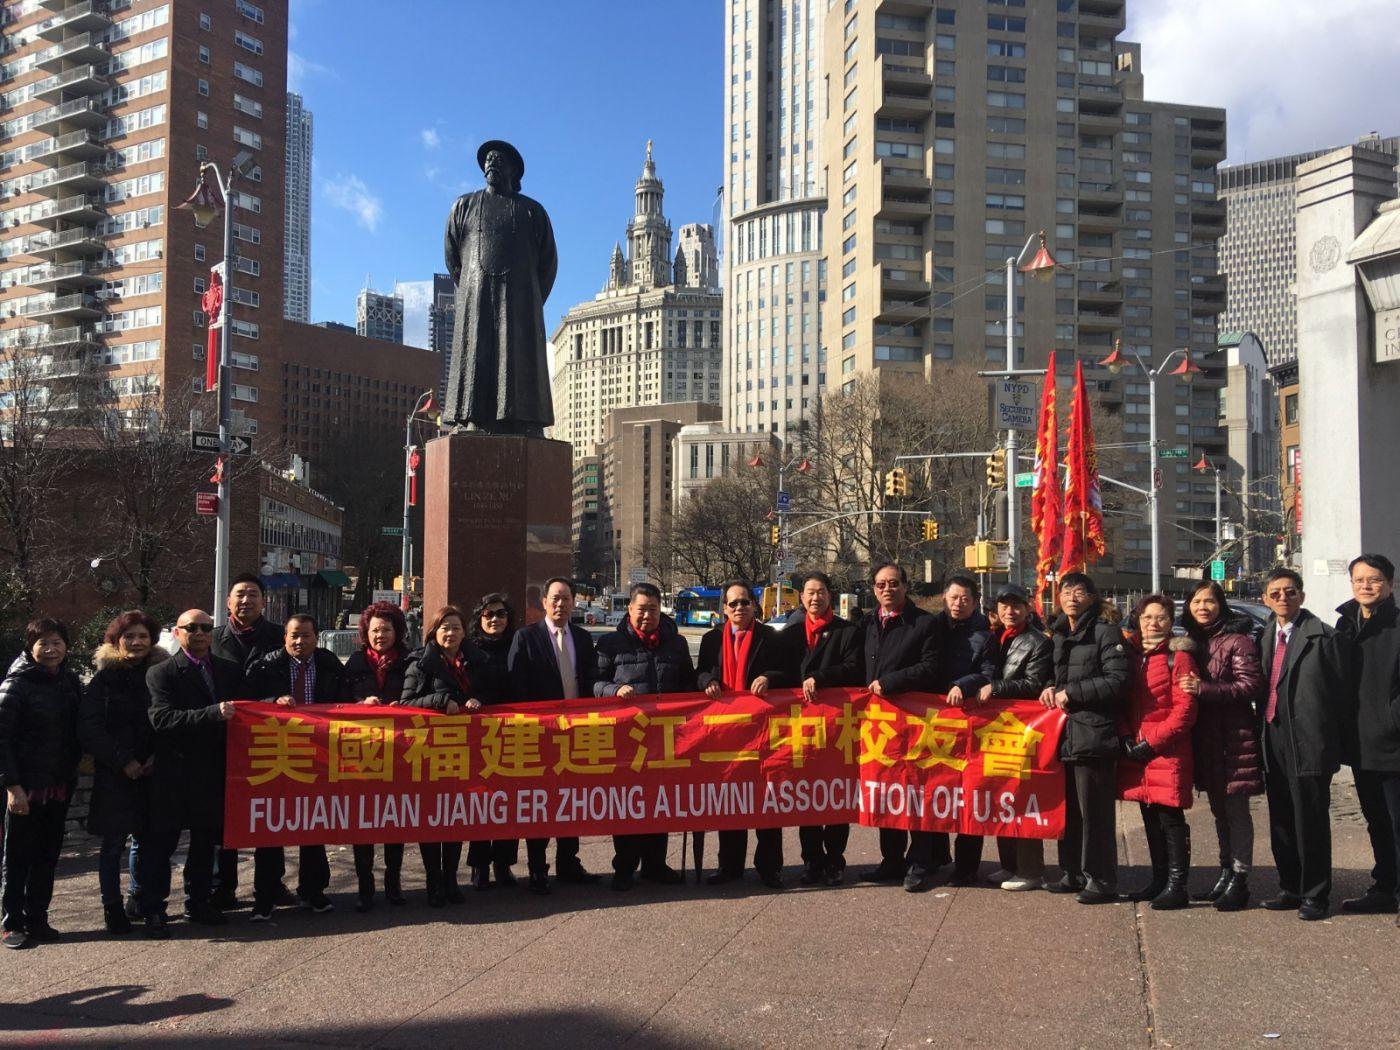 美东各界华人华侨第十七届元宵节庆祝活动在纽约举行_图1-12